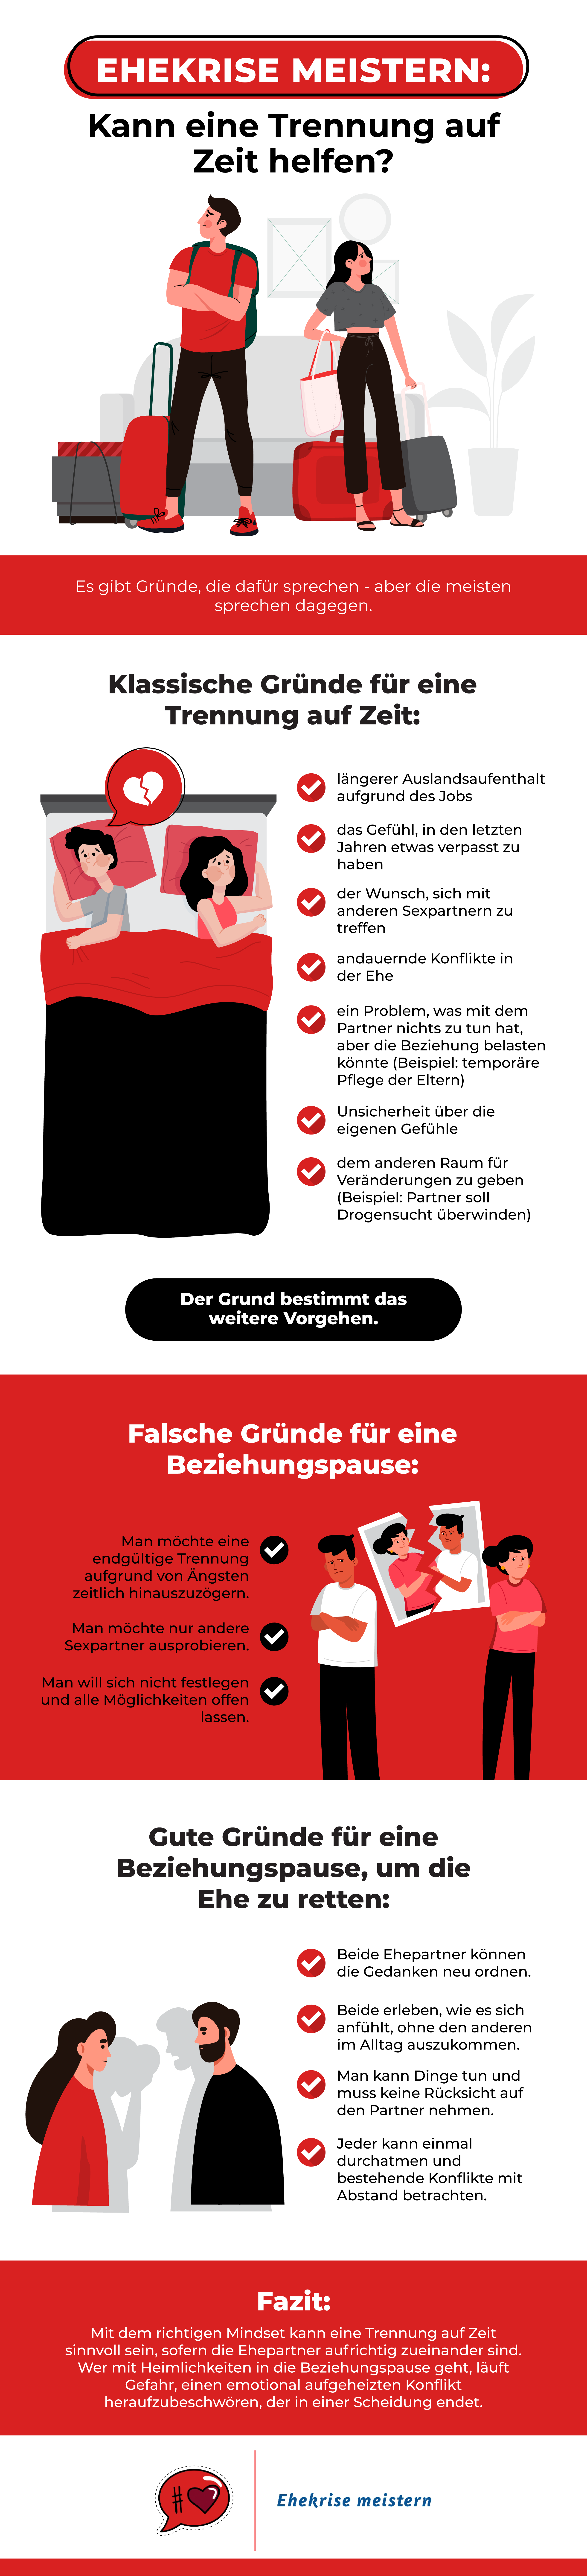 Infografik Die Ehekrise Meistern: Kann Eine Trennung Auf Zeit Helfen